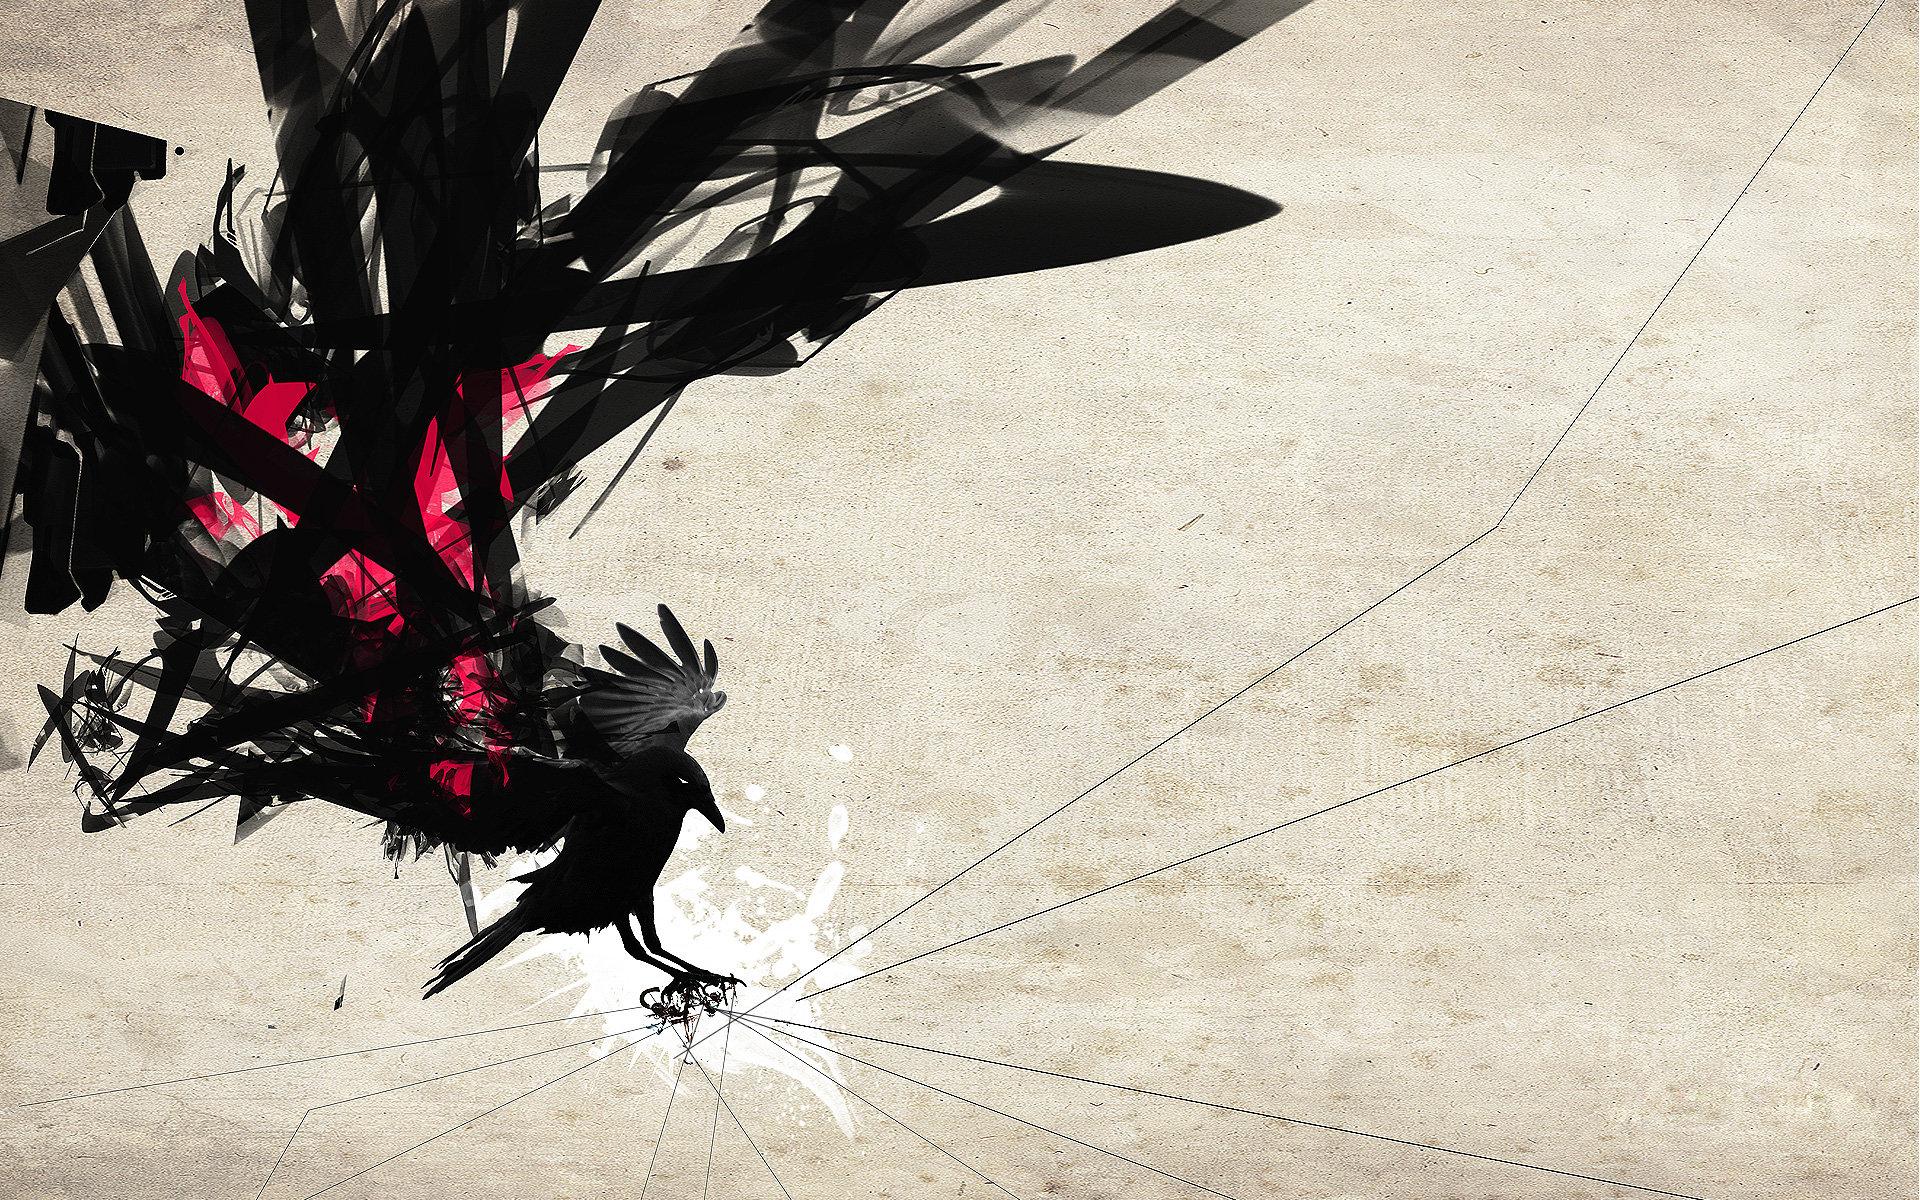 ... Crow · Crow · Crow · Crow